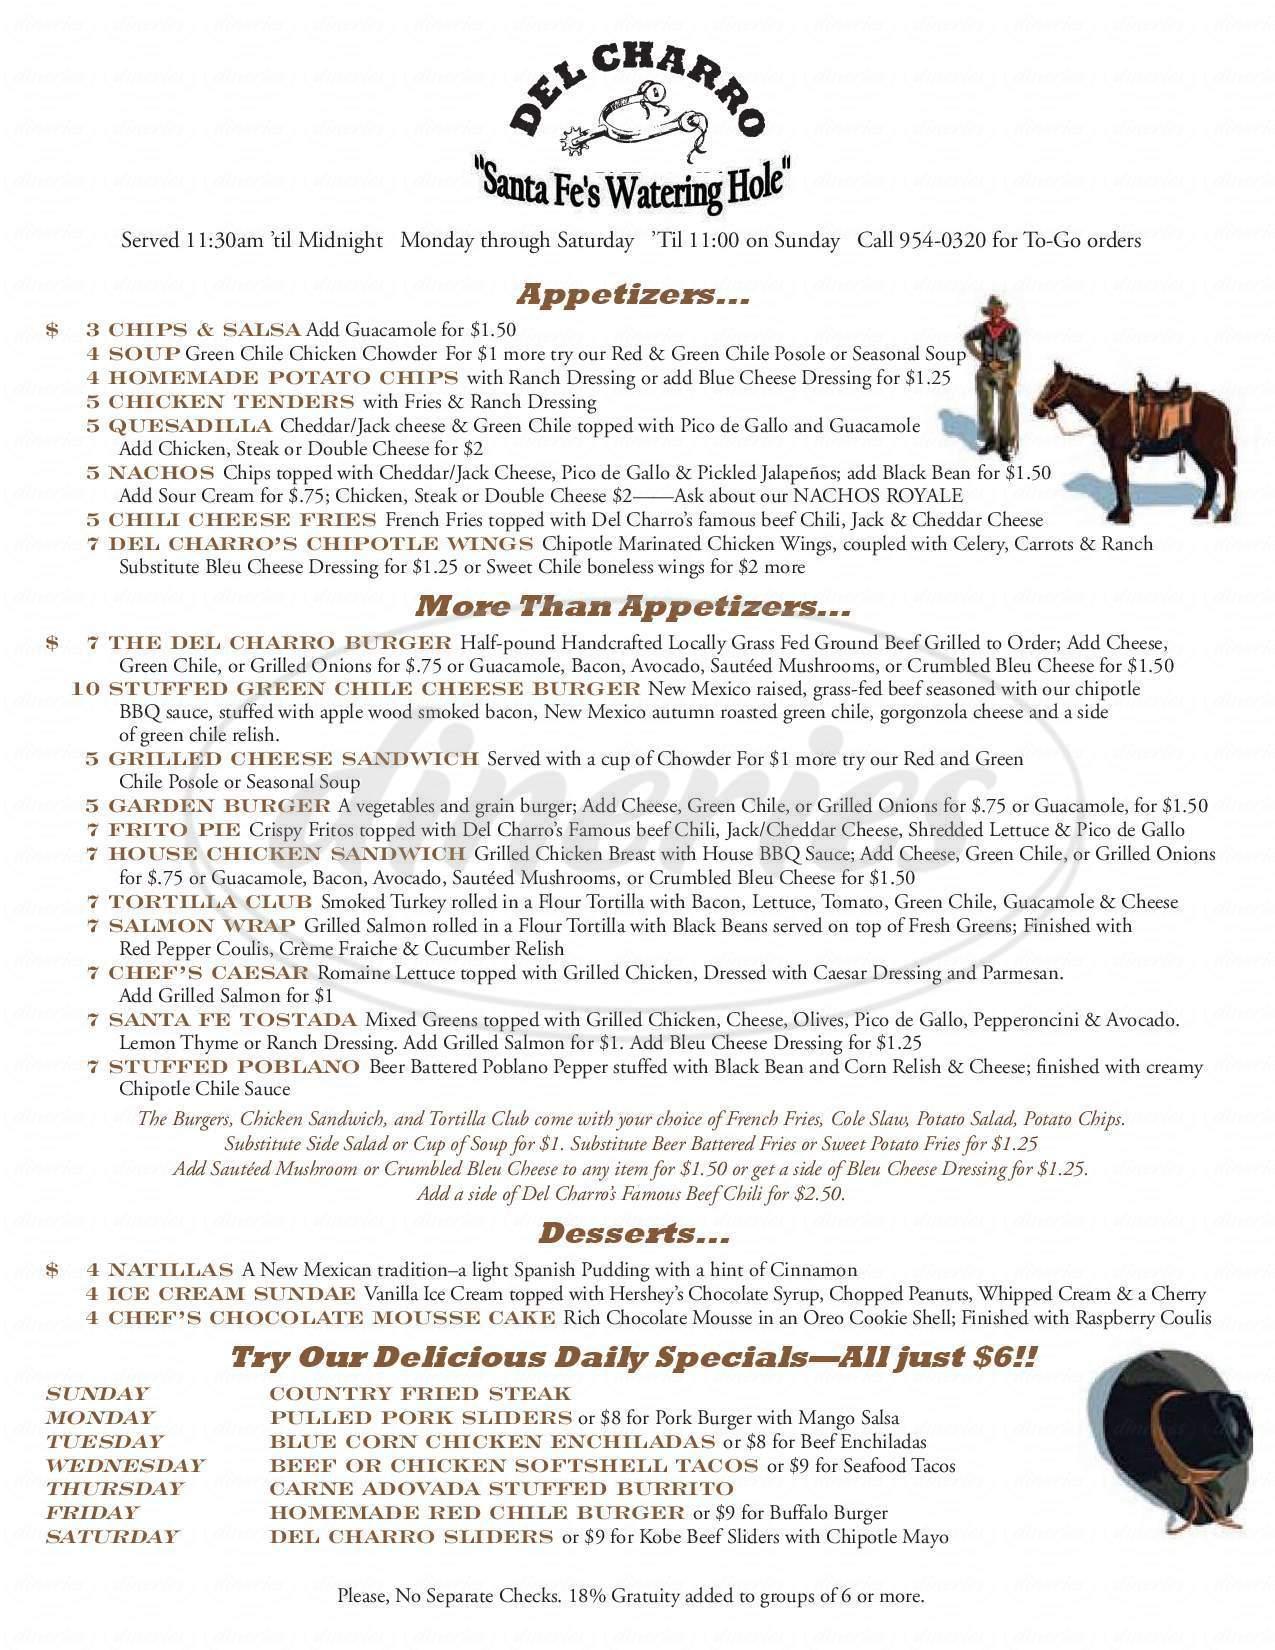 menu for Del Charro Saloon